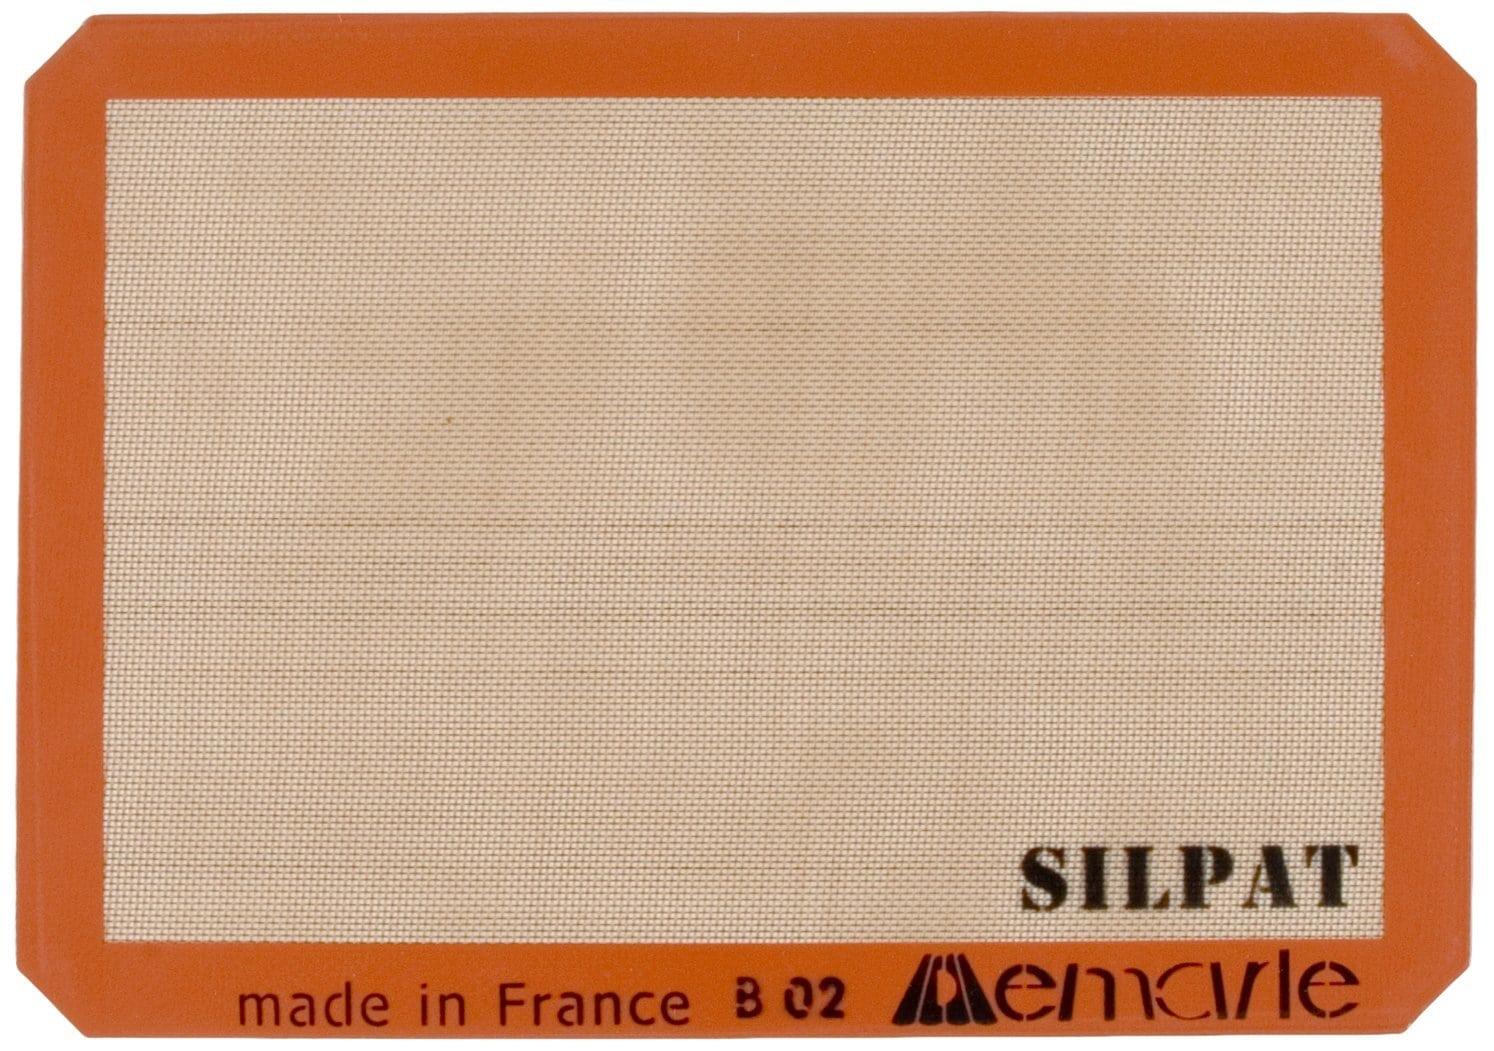 silpat nonstick mat